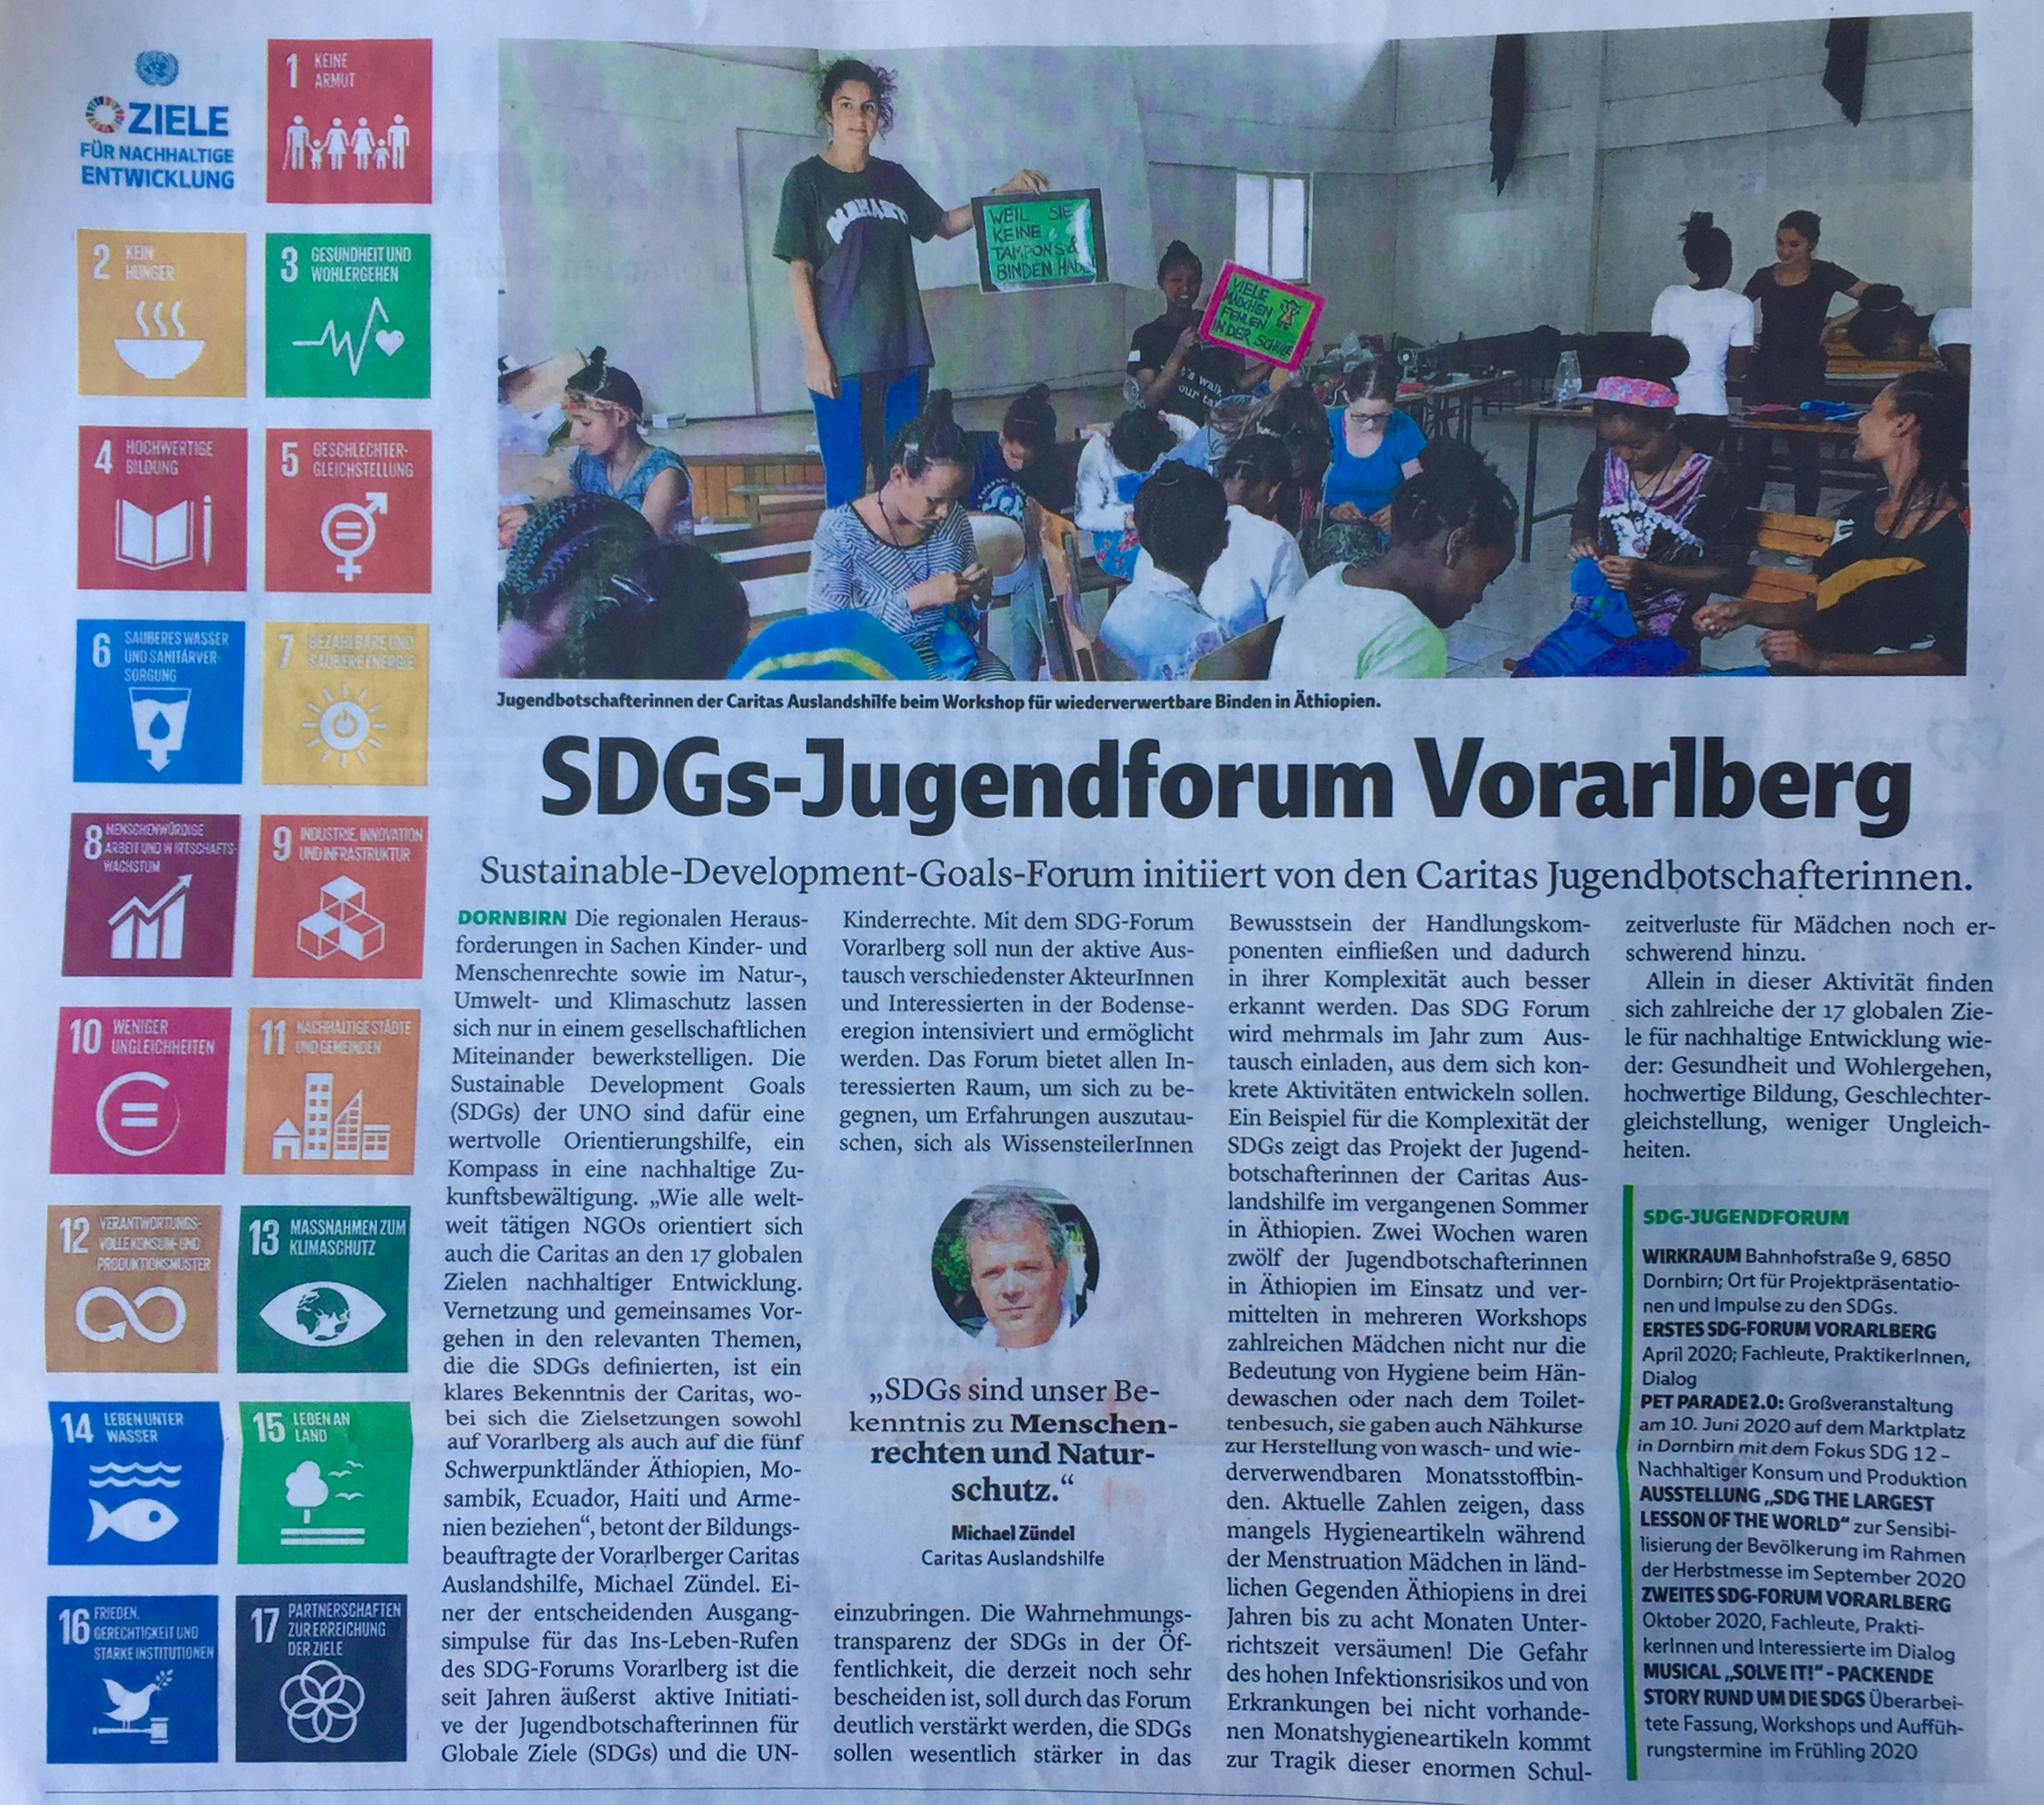 Caritas Jugendbotschafterinnen initiieren Sustainable Development Goals-Forum in Vorarlberg, Michael Zündel Caritas Auslandshilfe, www.caritas-vorarlberg.at, Verena Daum Vorarlberger Nachrichten www.progression.at